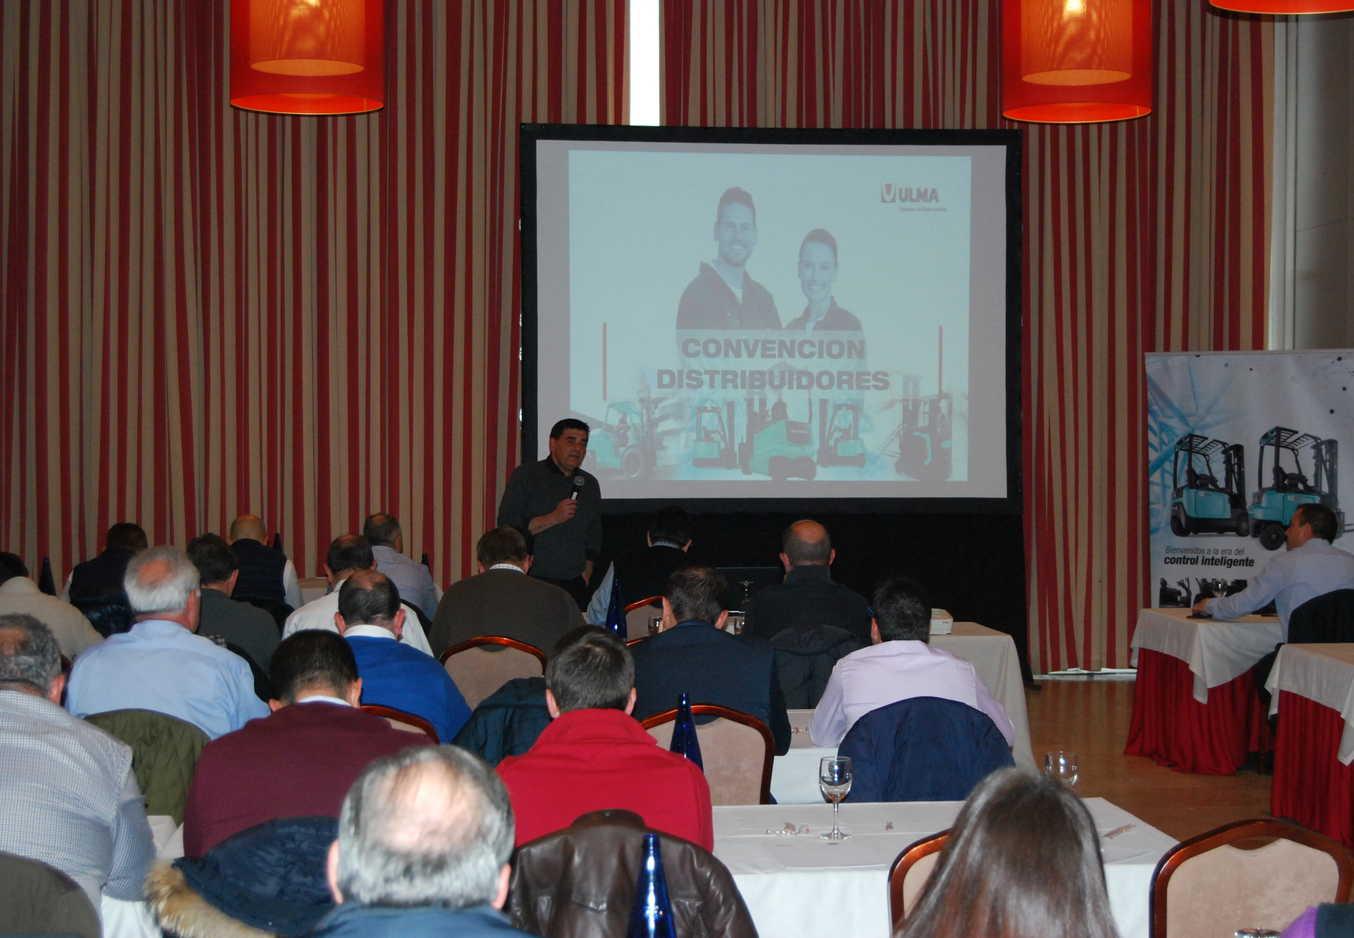 Se desarrolló con gran éxito de asistencia la Convención Anual de Distribuidores de Ulma Carretillas Elevadoras